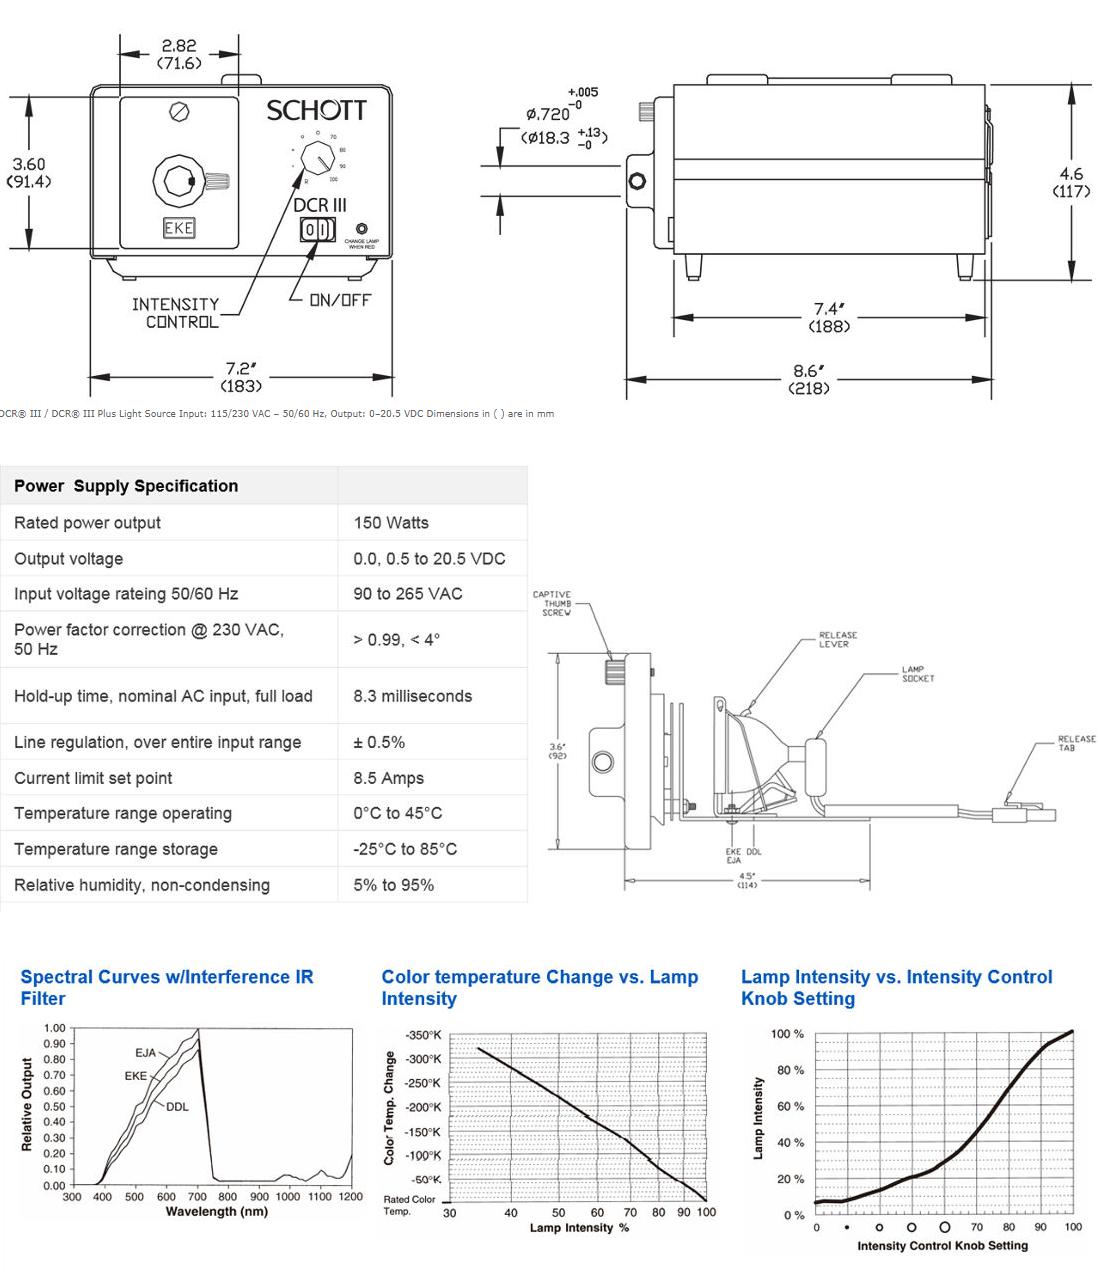 Schott DCR Specifications